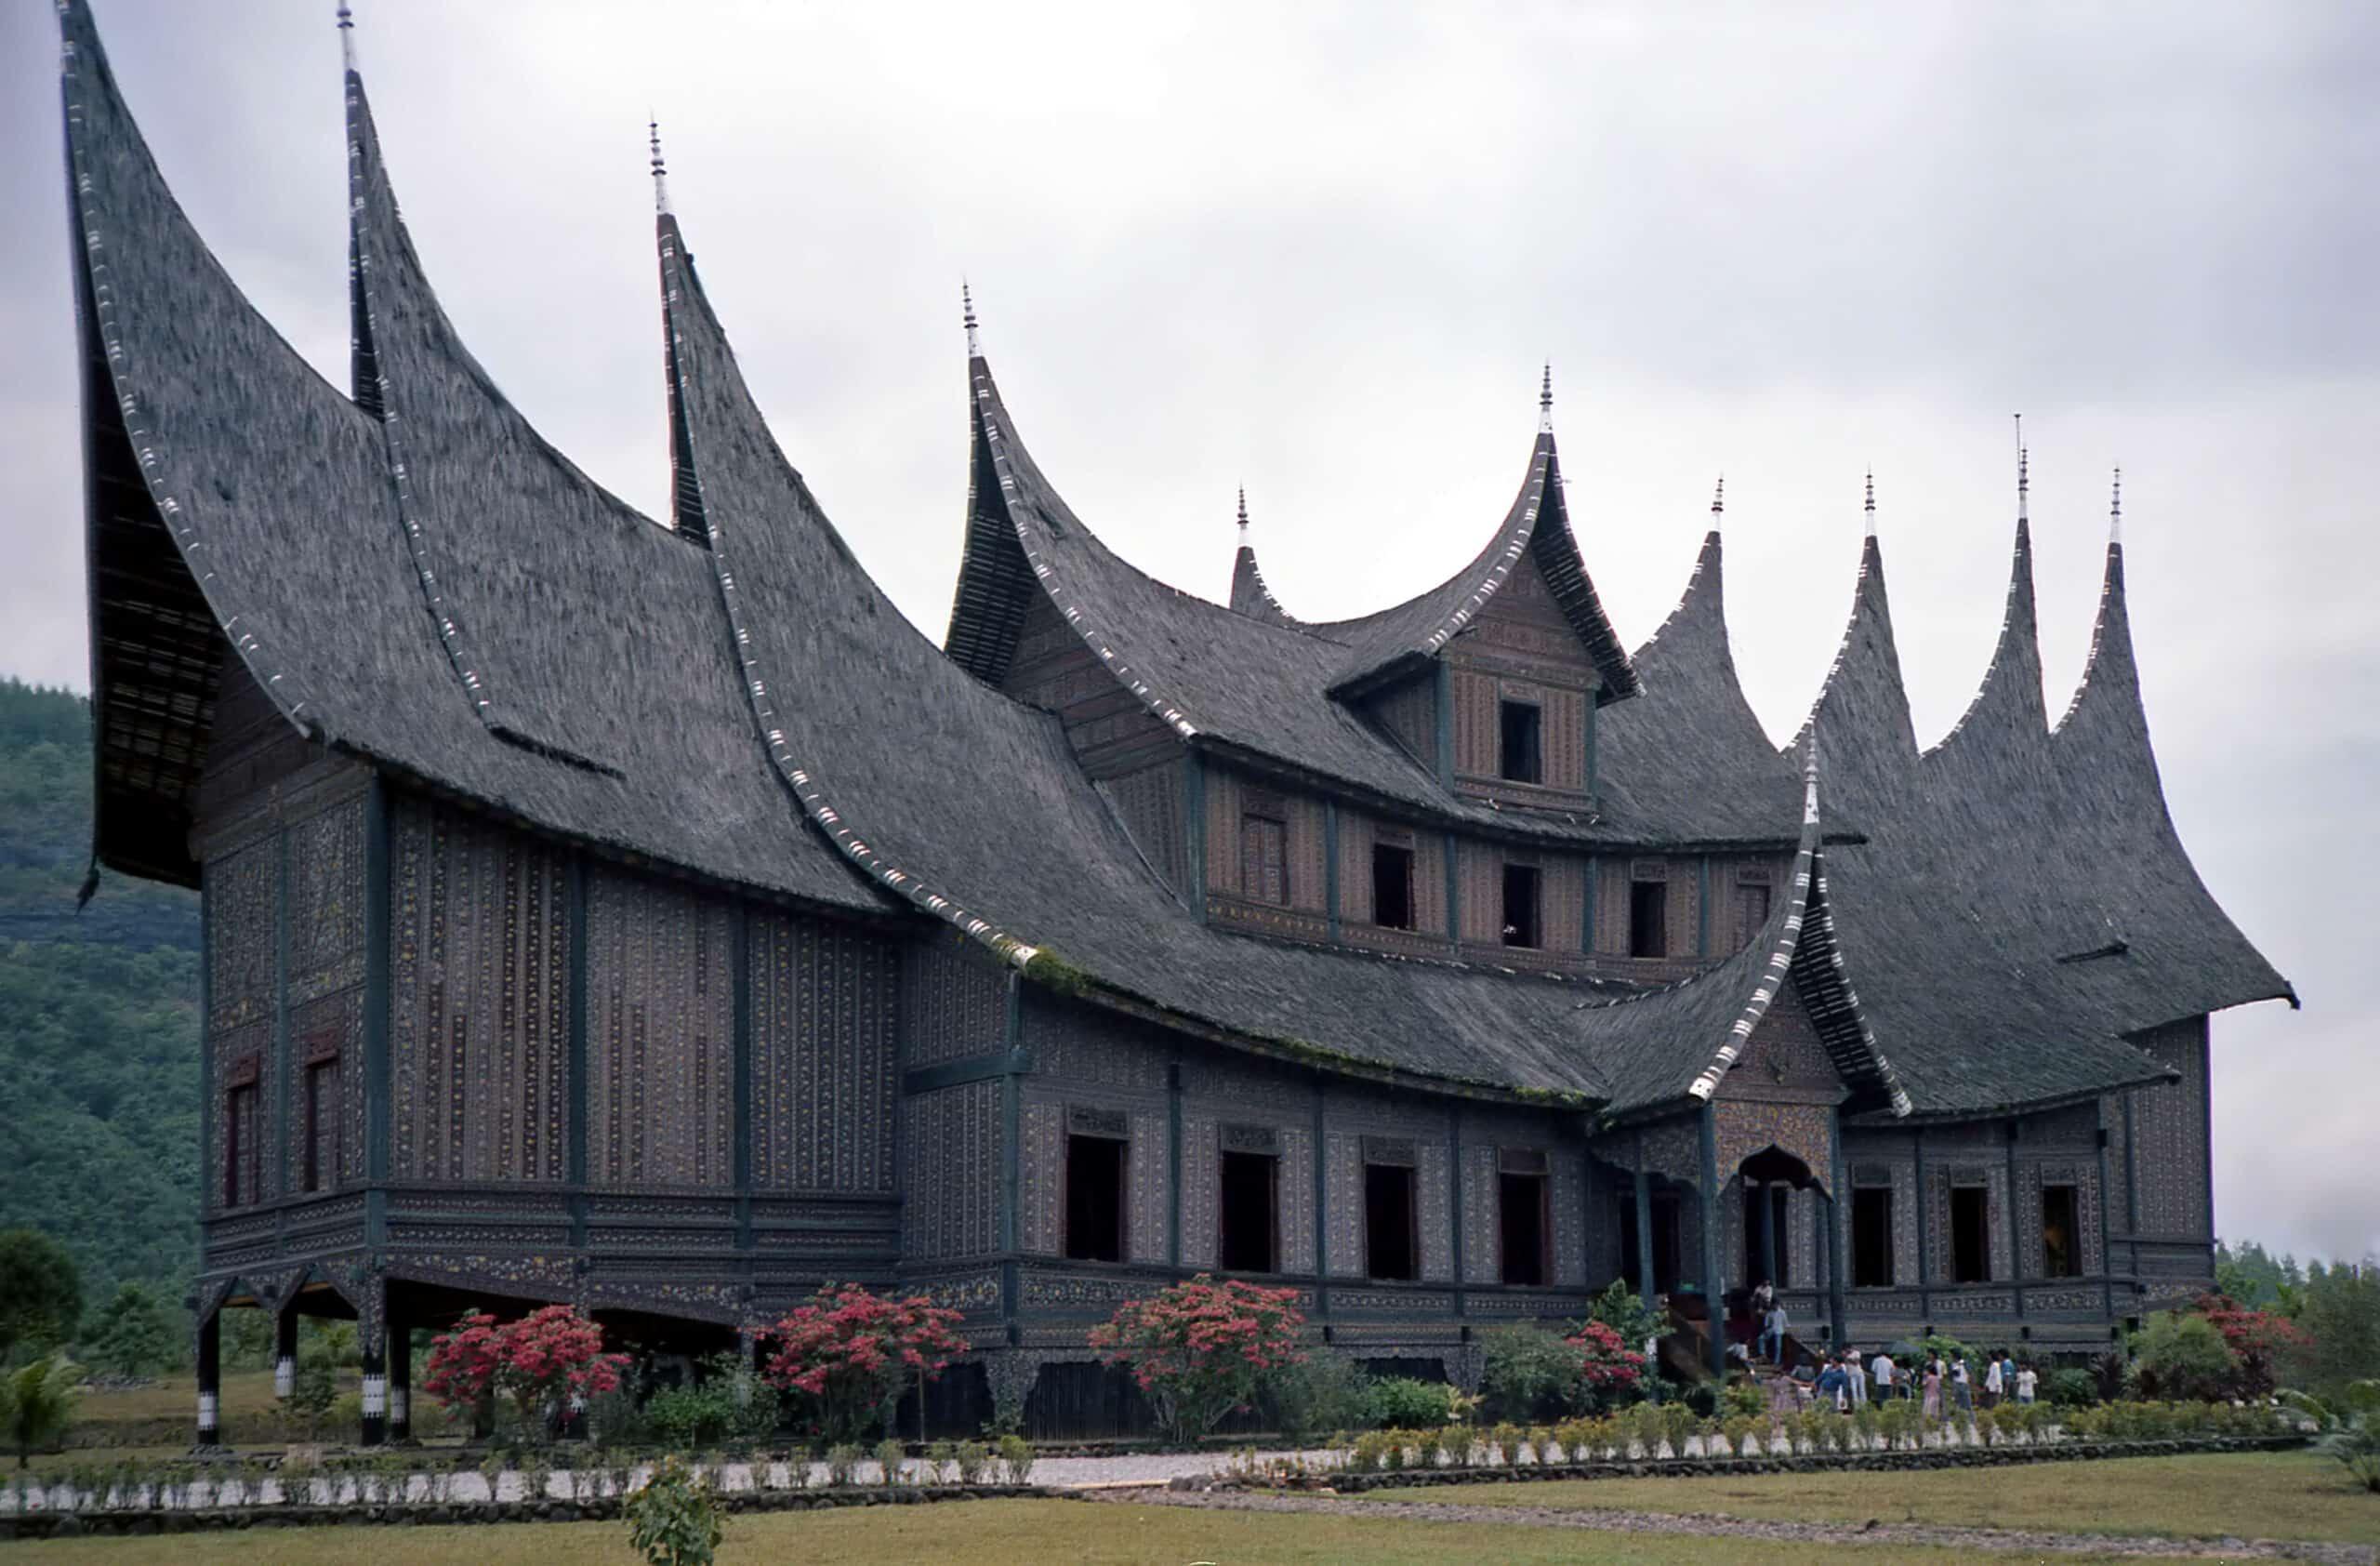 Rumah Adat Sumatera Barat Asal Usul Filosofi Keunikan Dan Penjelasan